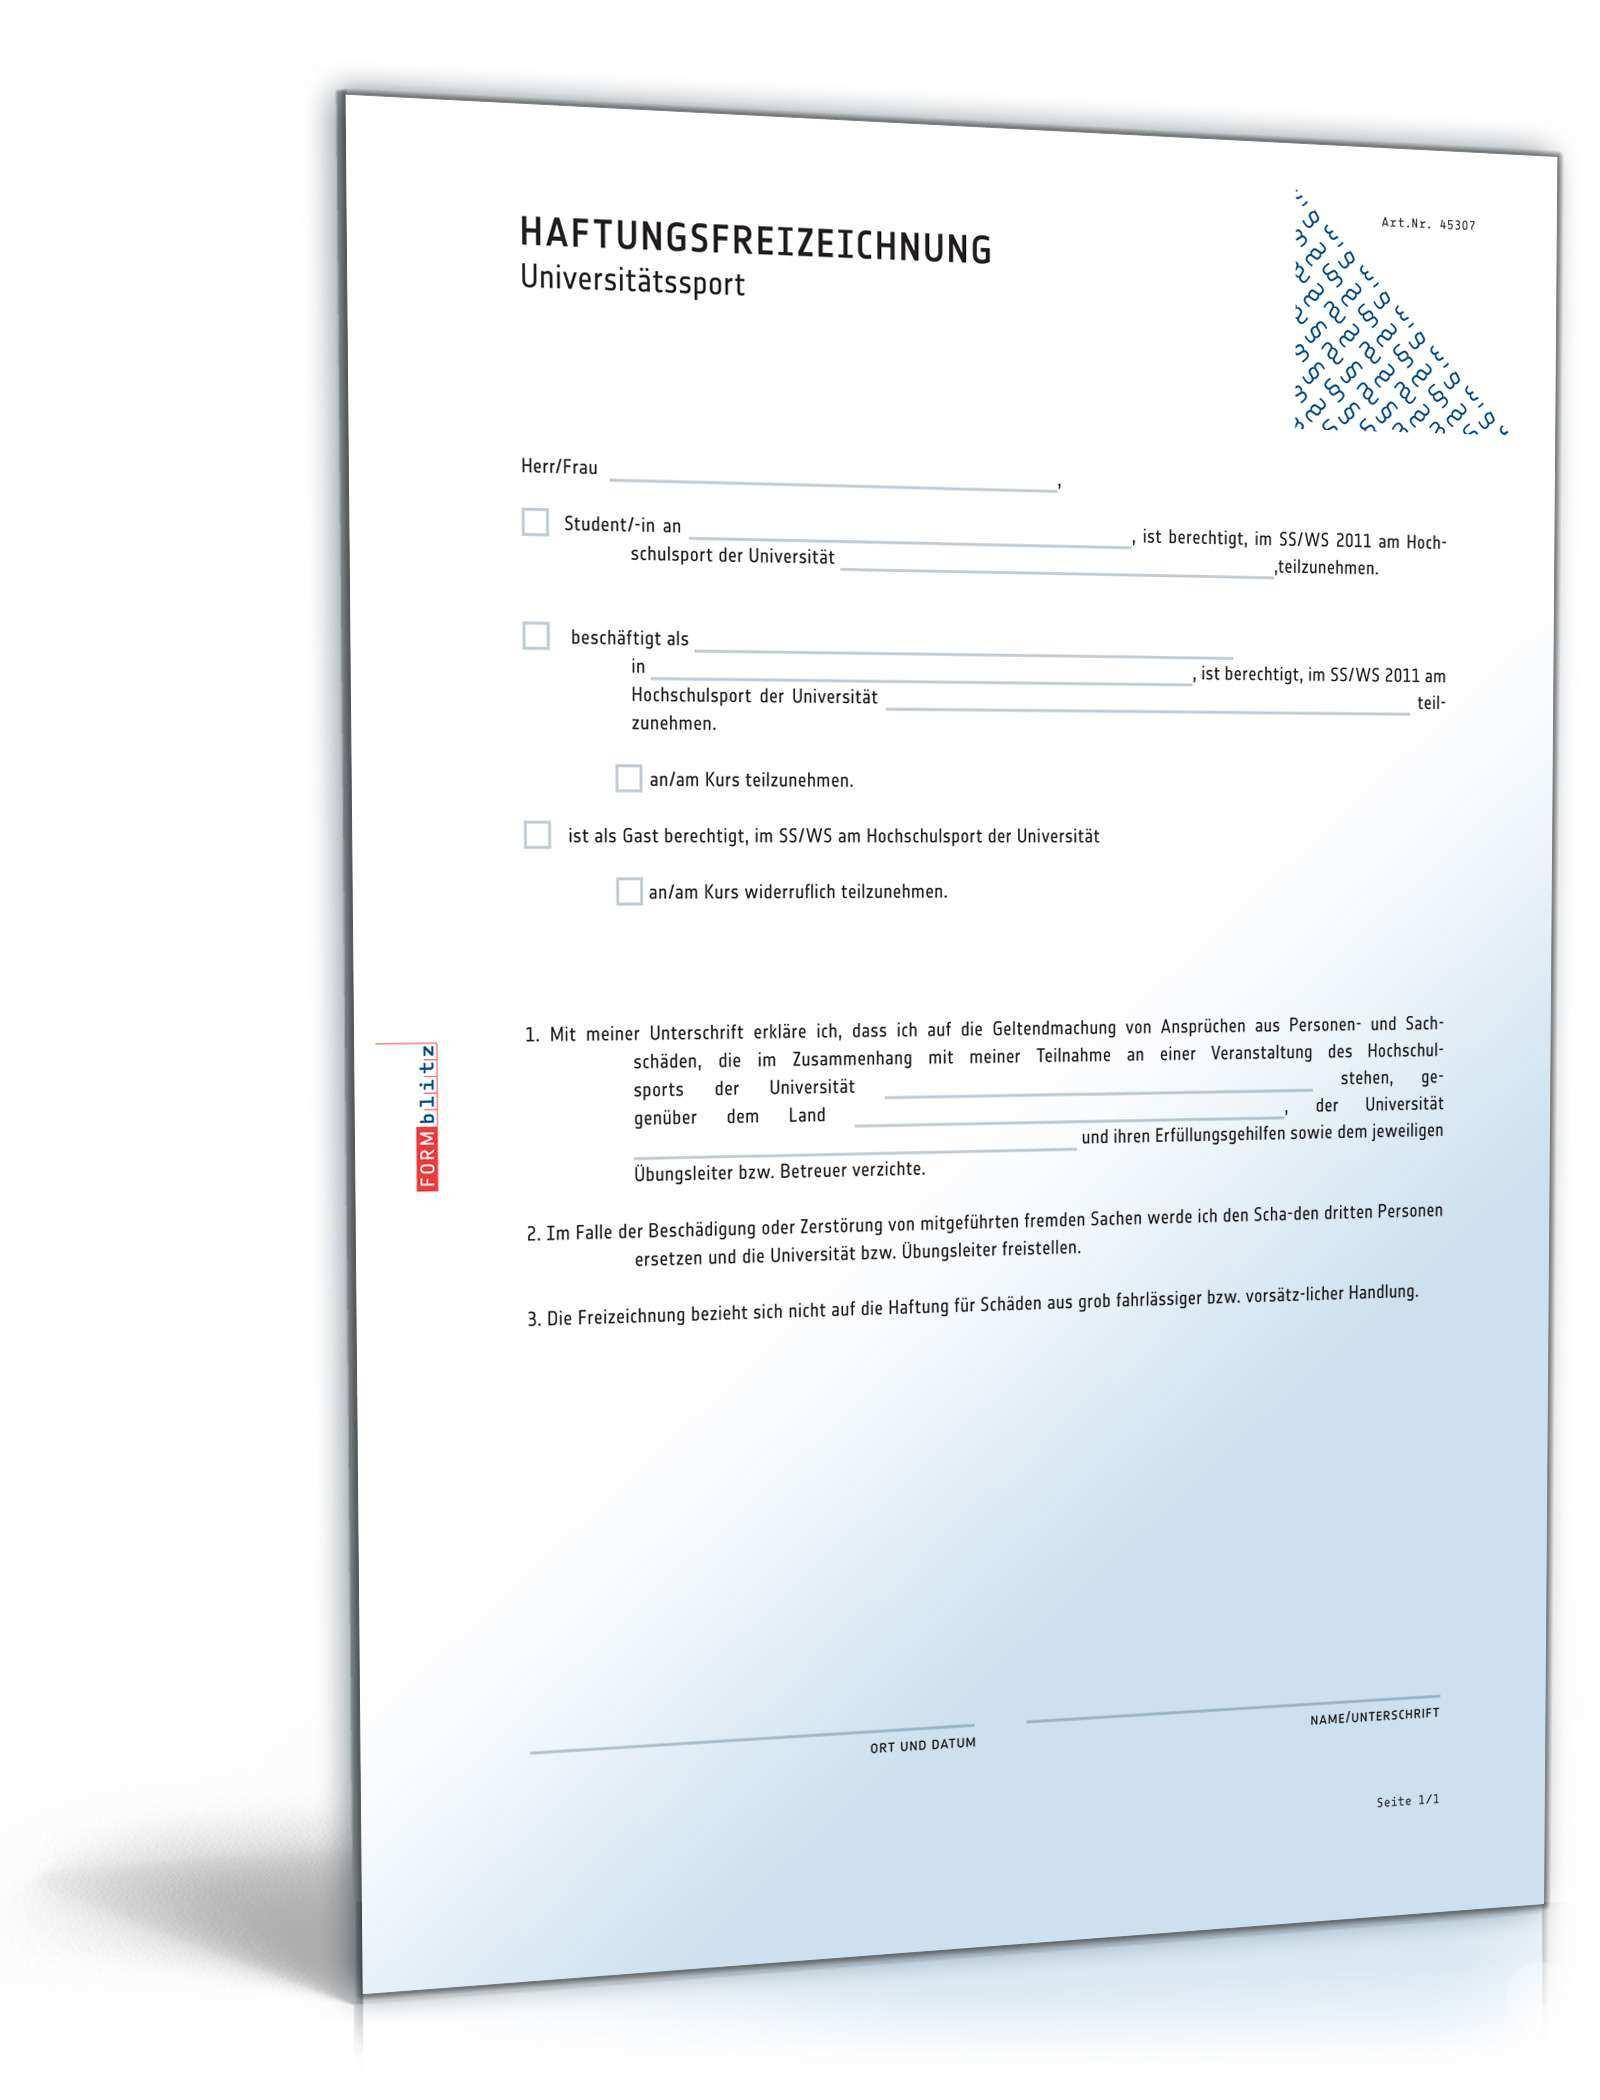 Haftungsfreizeichnung Universitatssport Muster Zum Download